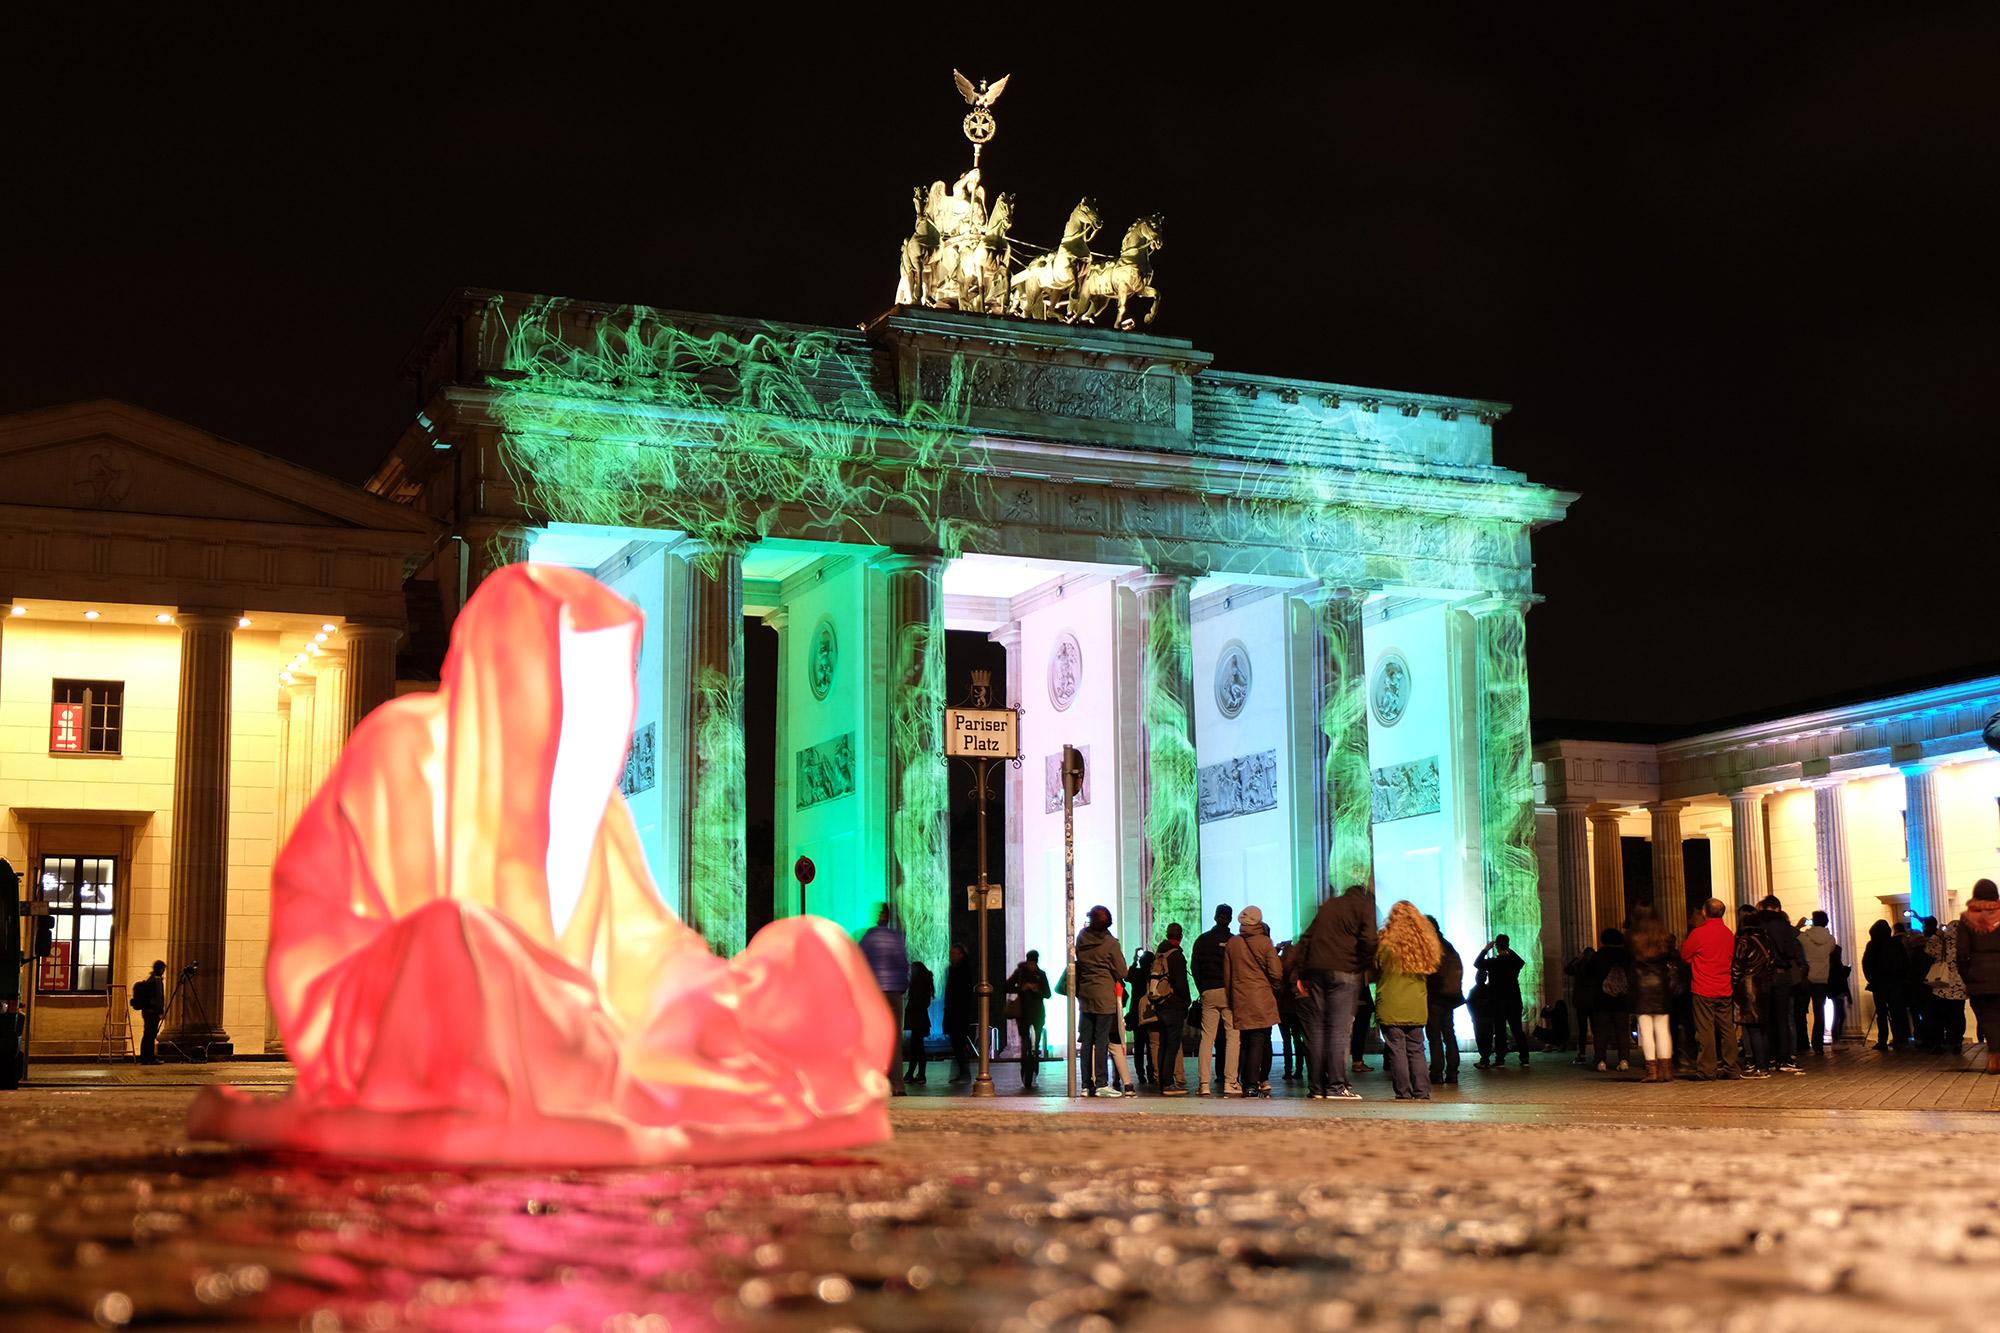 festival-of-lights-berlin-guardians-of-time-manfred-kielnhofer-lumina-light-contemporary-art-design-statue-sculpture-fineart-ghost-faceless-no-face-9450